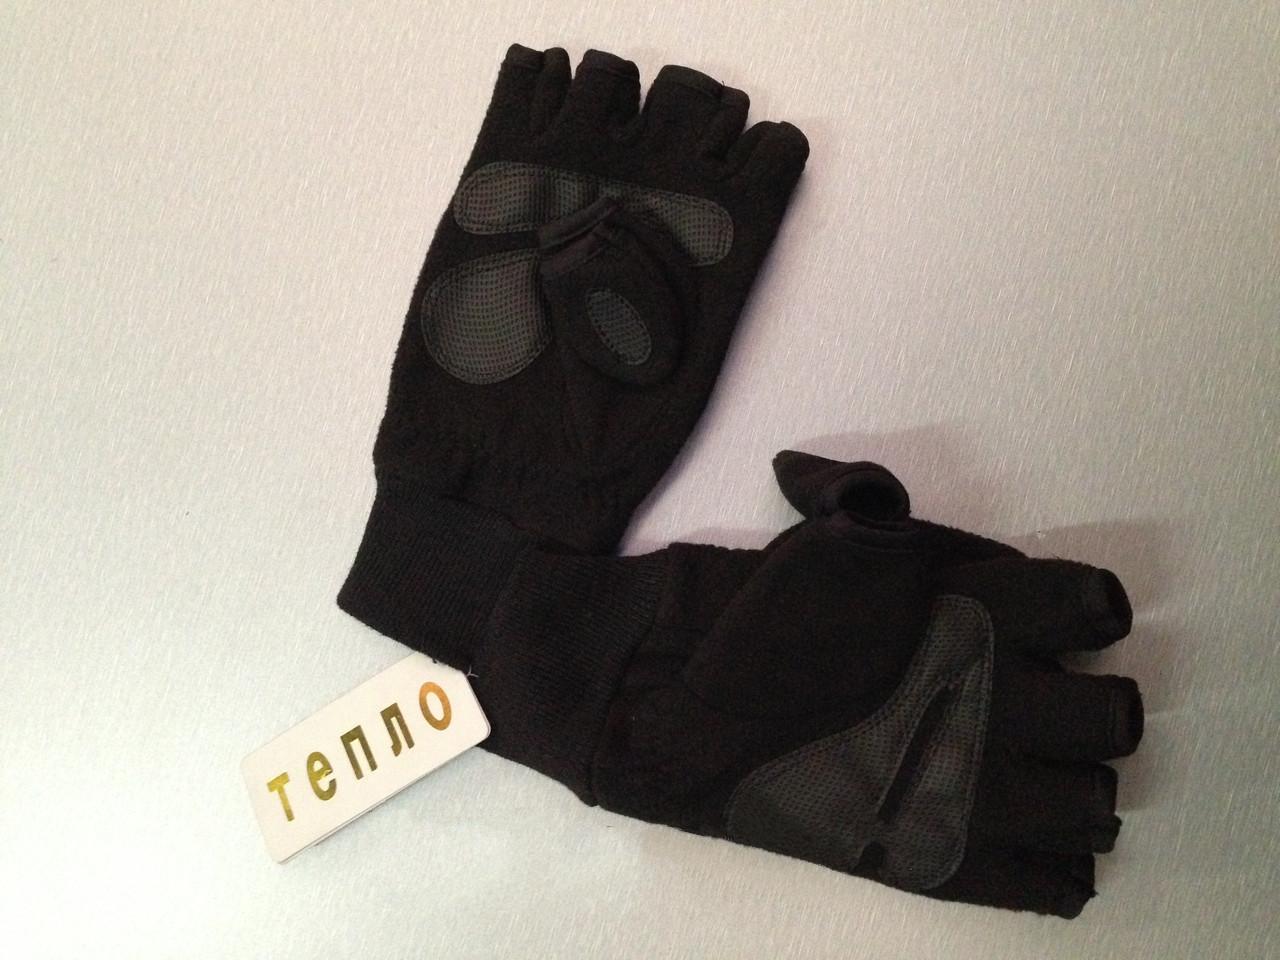 2 пары тёплые флисовые перчатки , унисекс, для морозов до -20°с, открытые пальцы + варежка, зимние рукавицы - Интернет магазин «Наш базар» быстро, доступно и качественно в Киеве